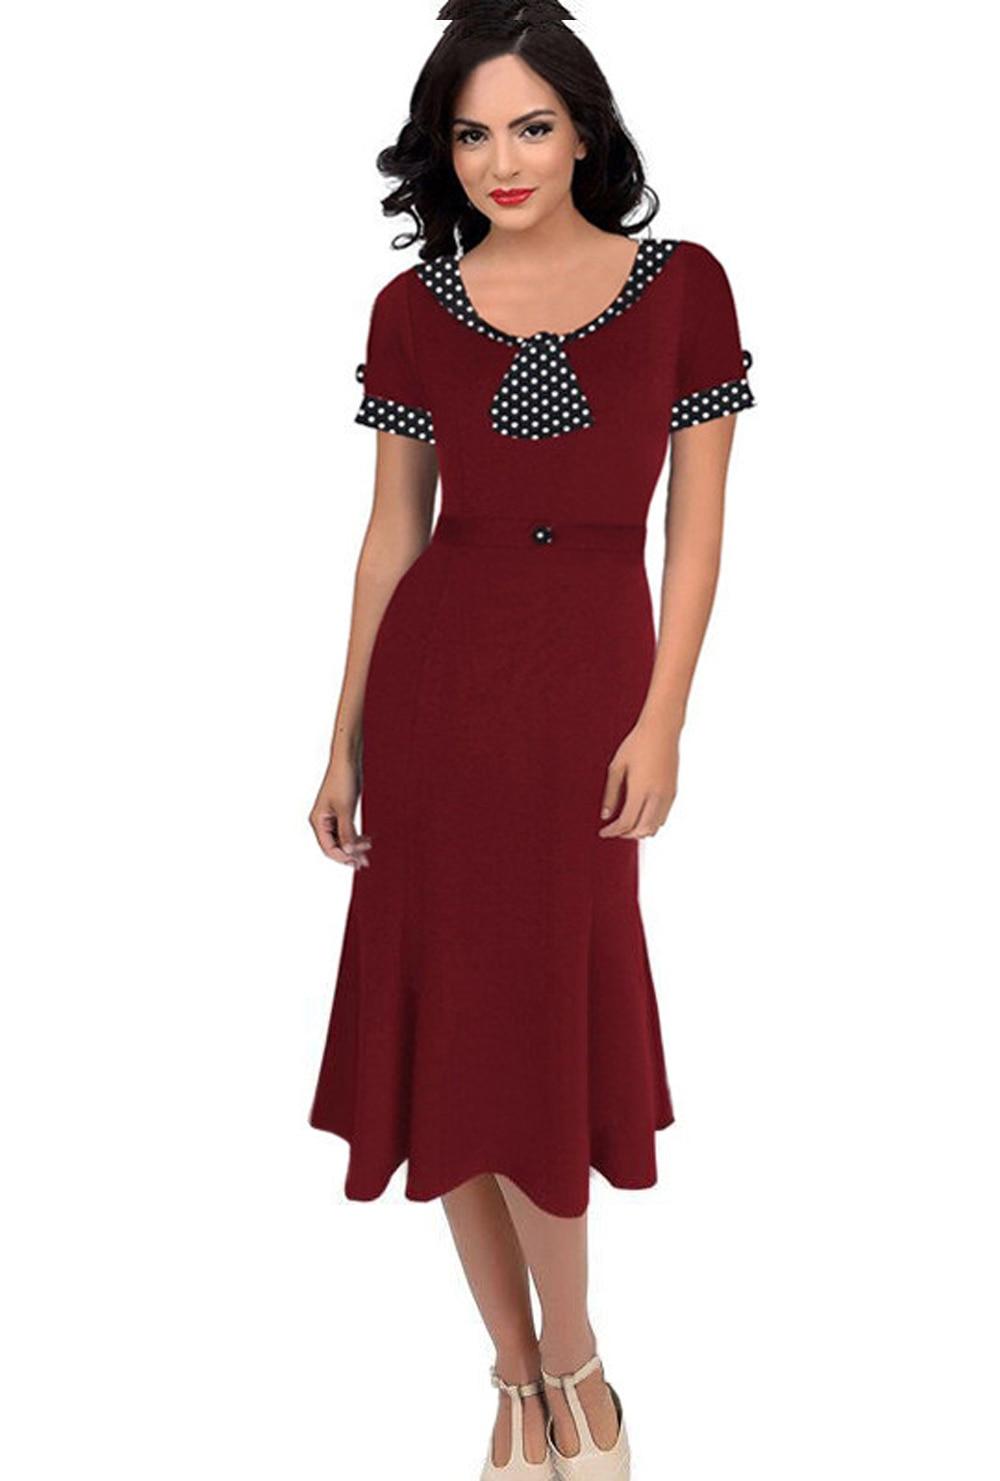 Model Vintage Women Dress